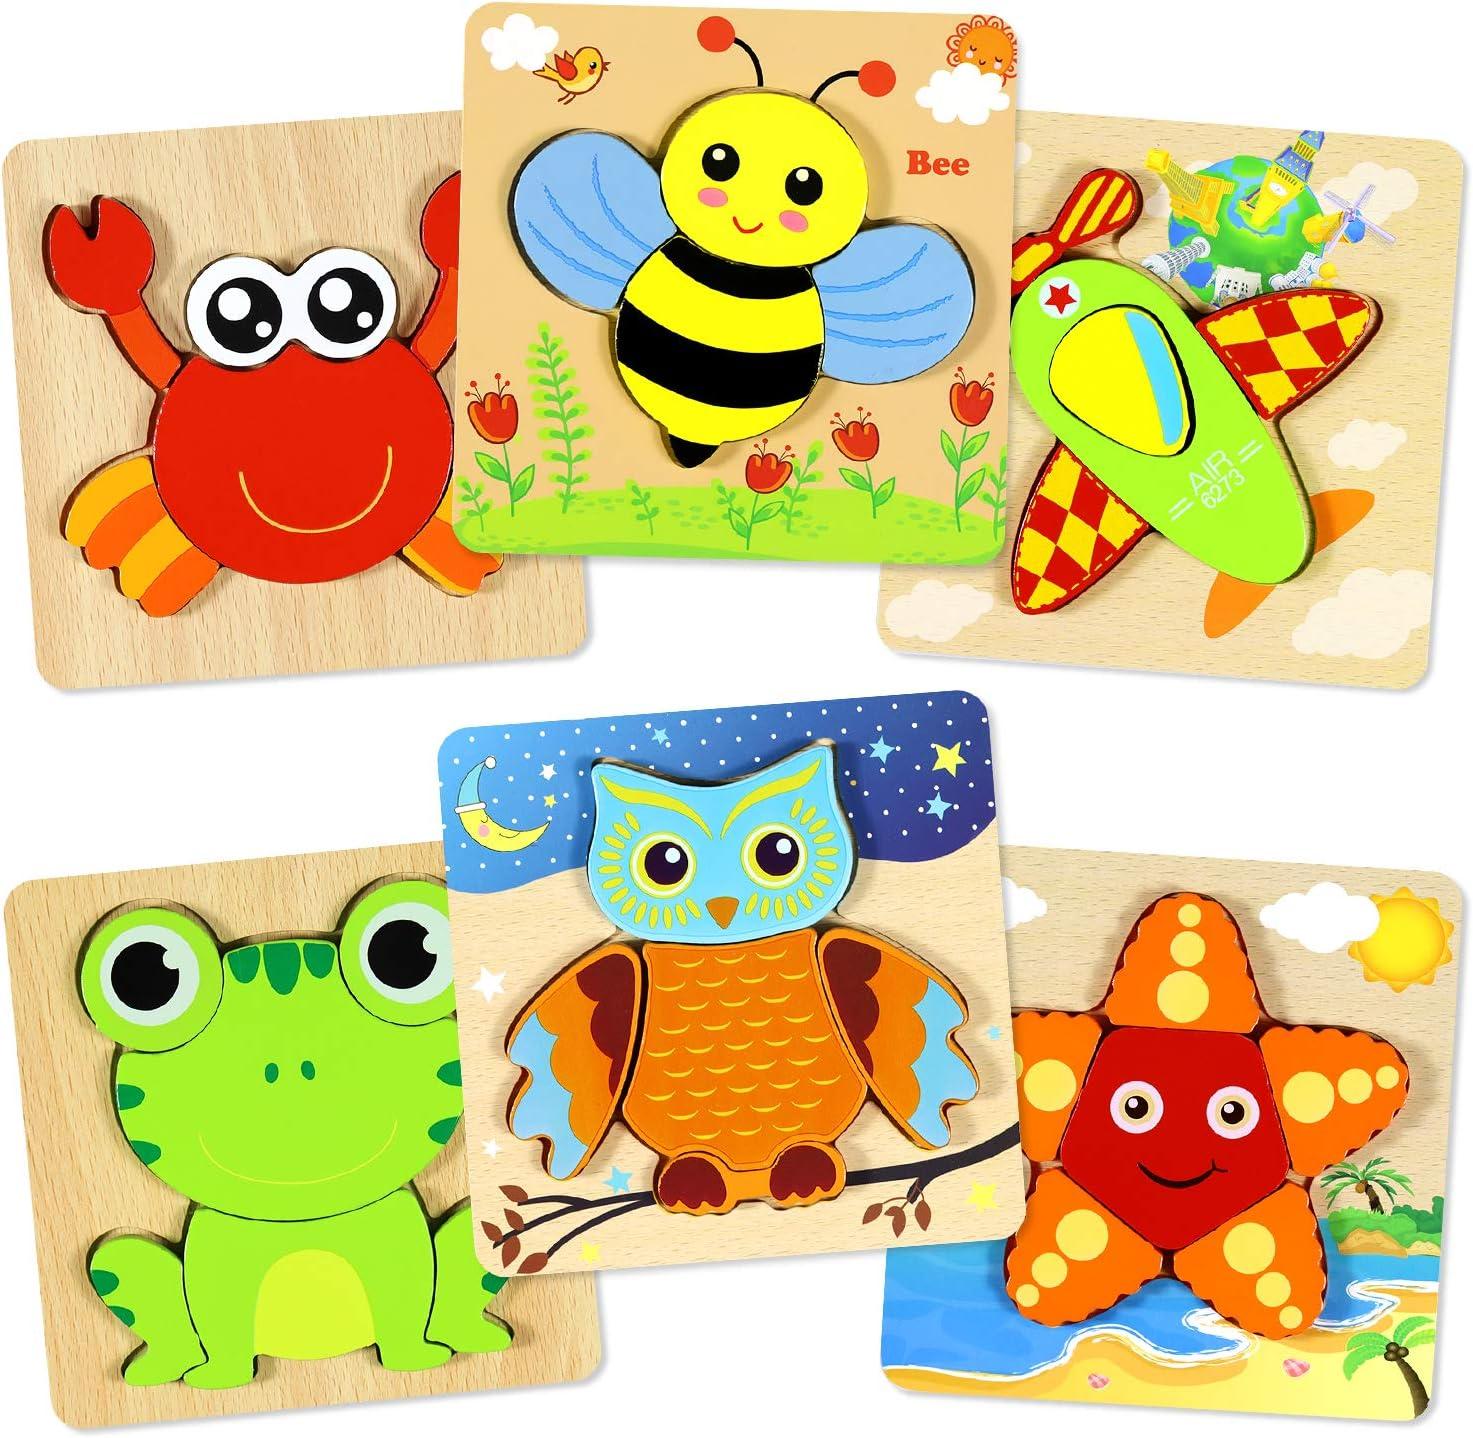 Puzzles de Madera Educativos Juguetes Bebes,Rompecabezas de Madera Juguetes niños 1 año 2 3 4 años,Colorido Rompecabezas de Animales 6 Piezas niños Juguetes de Inteligencia Rompecabezas (6 Pack)